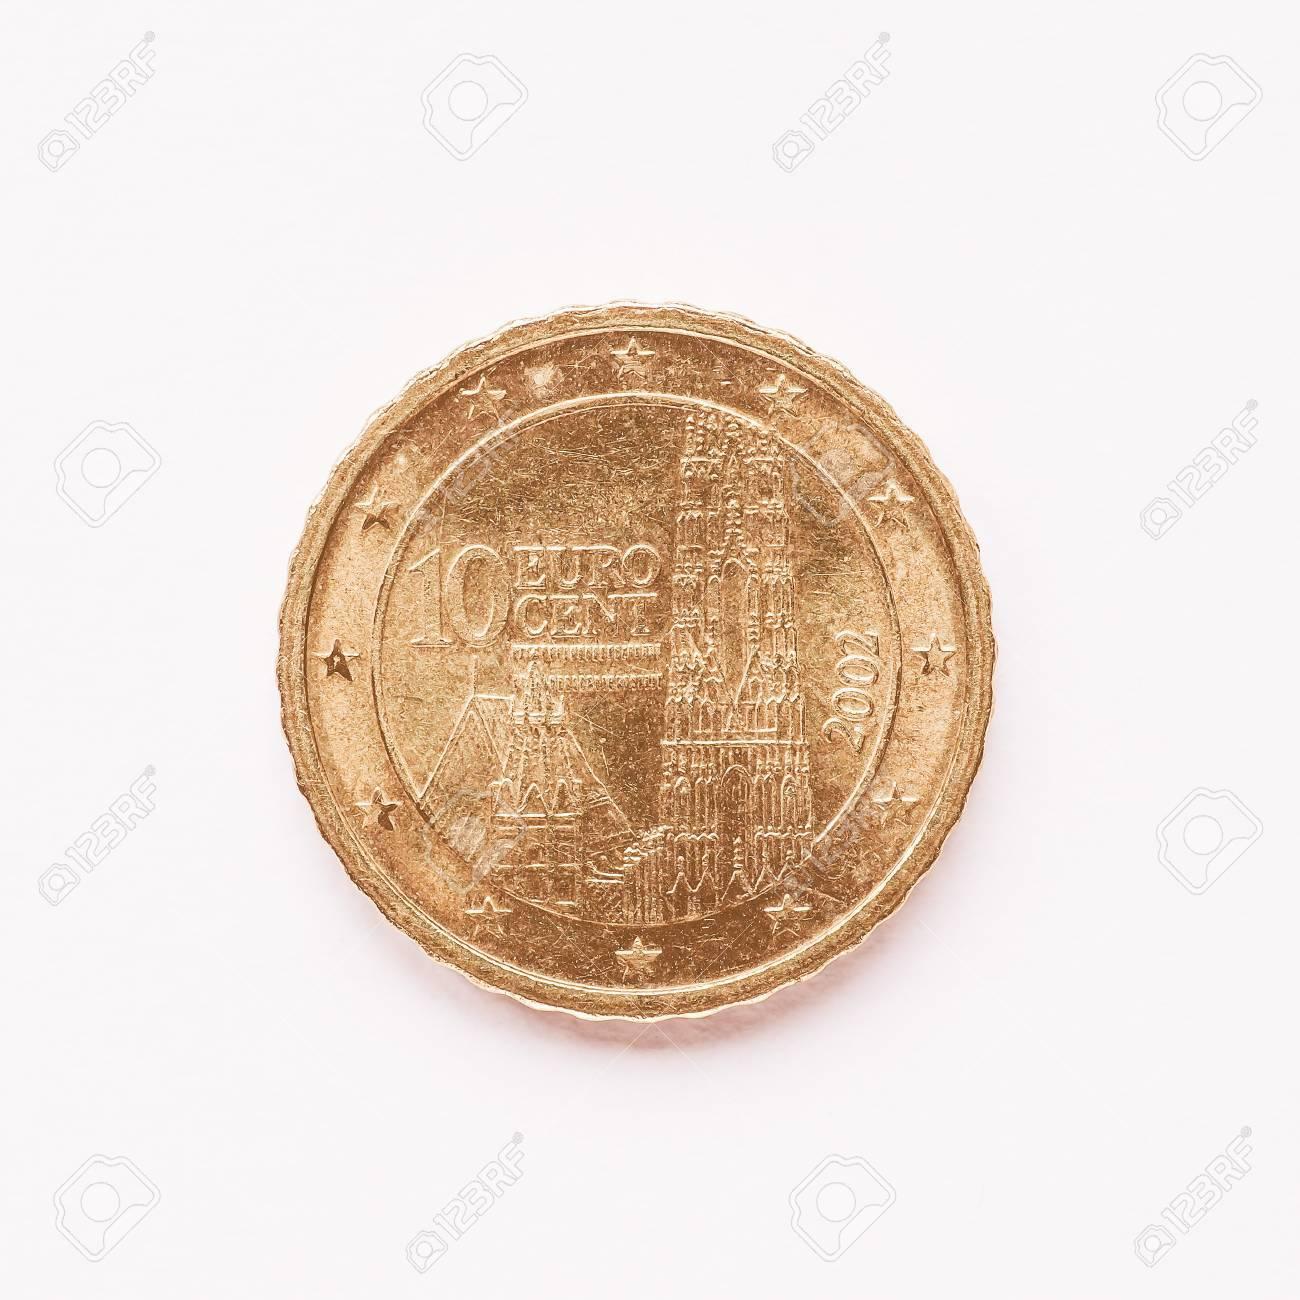 Währung Von Europa 10 Cent Münze Aus österreich Vintage Lizenzfreie